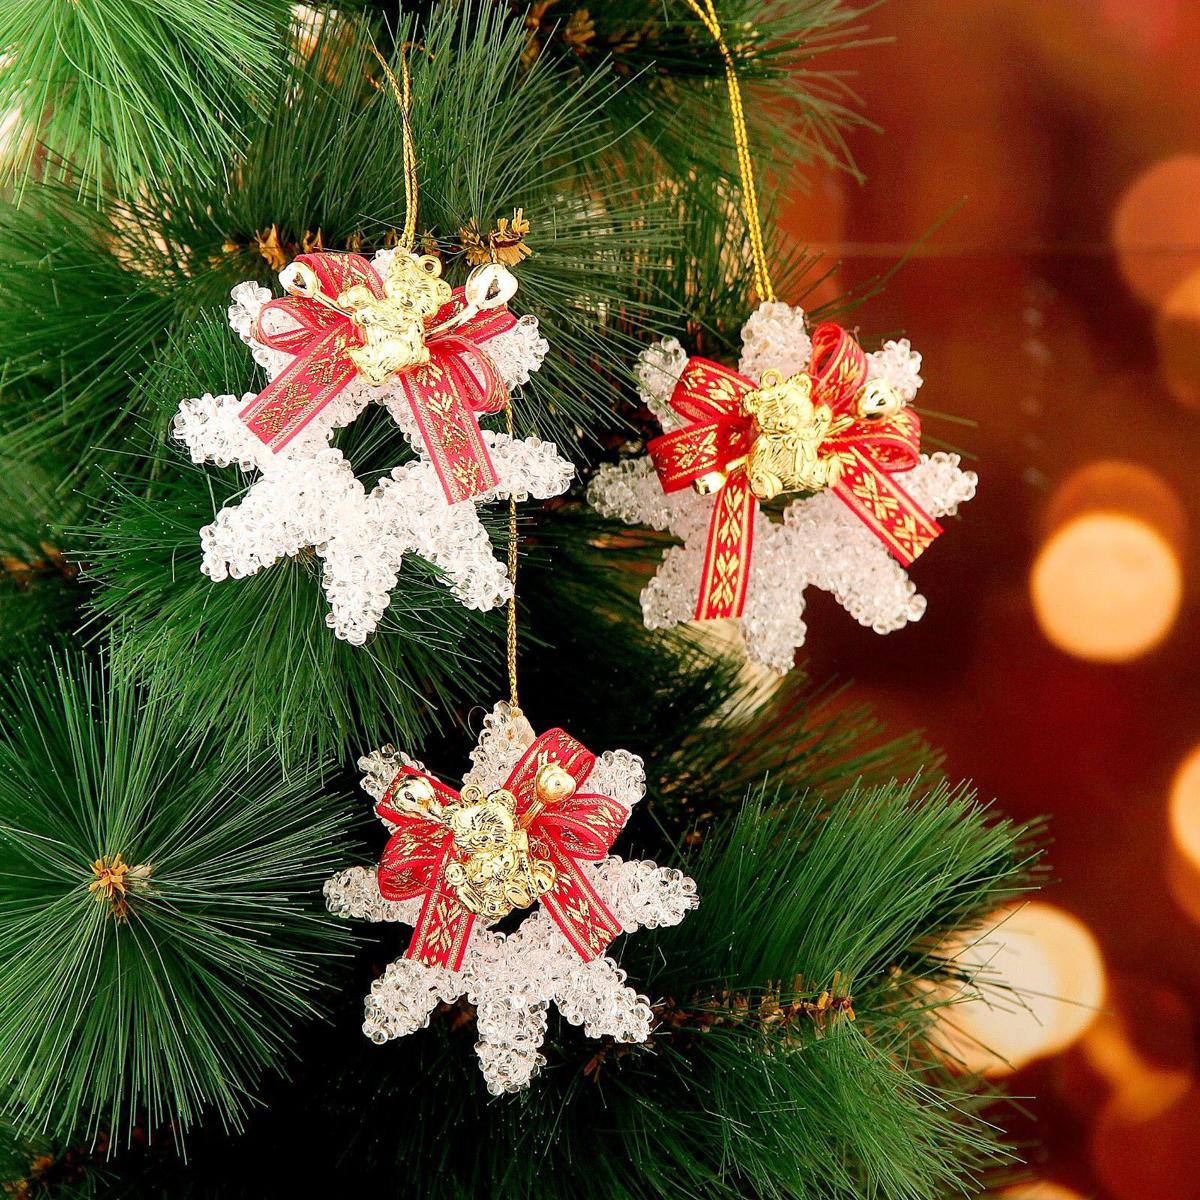 Украшение новогоднее елочное Снежинка с красной лентой, 7 х 7 см, 3 шт2371319Невозможно представить нашу жизнь без праздников! Мы всегда ждем их и предвкушаем, обдумываем, как проведем памятный день, тщательно выбираем подарки и аксессуары, ведь именно они создают и поддерживают торжественный настрой. Это отличный выбор, который привнесет атмосферу праздника в ваш дом!